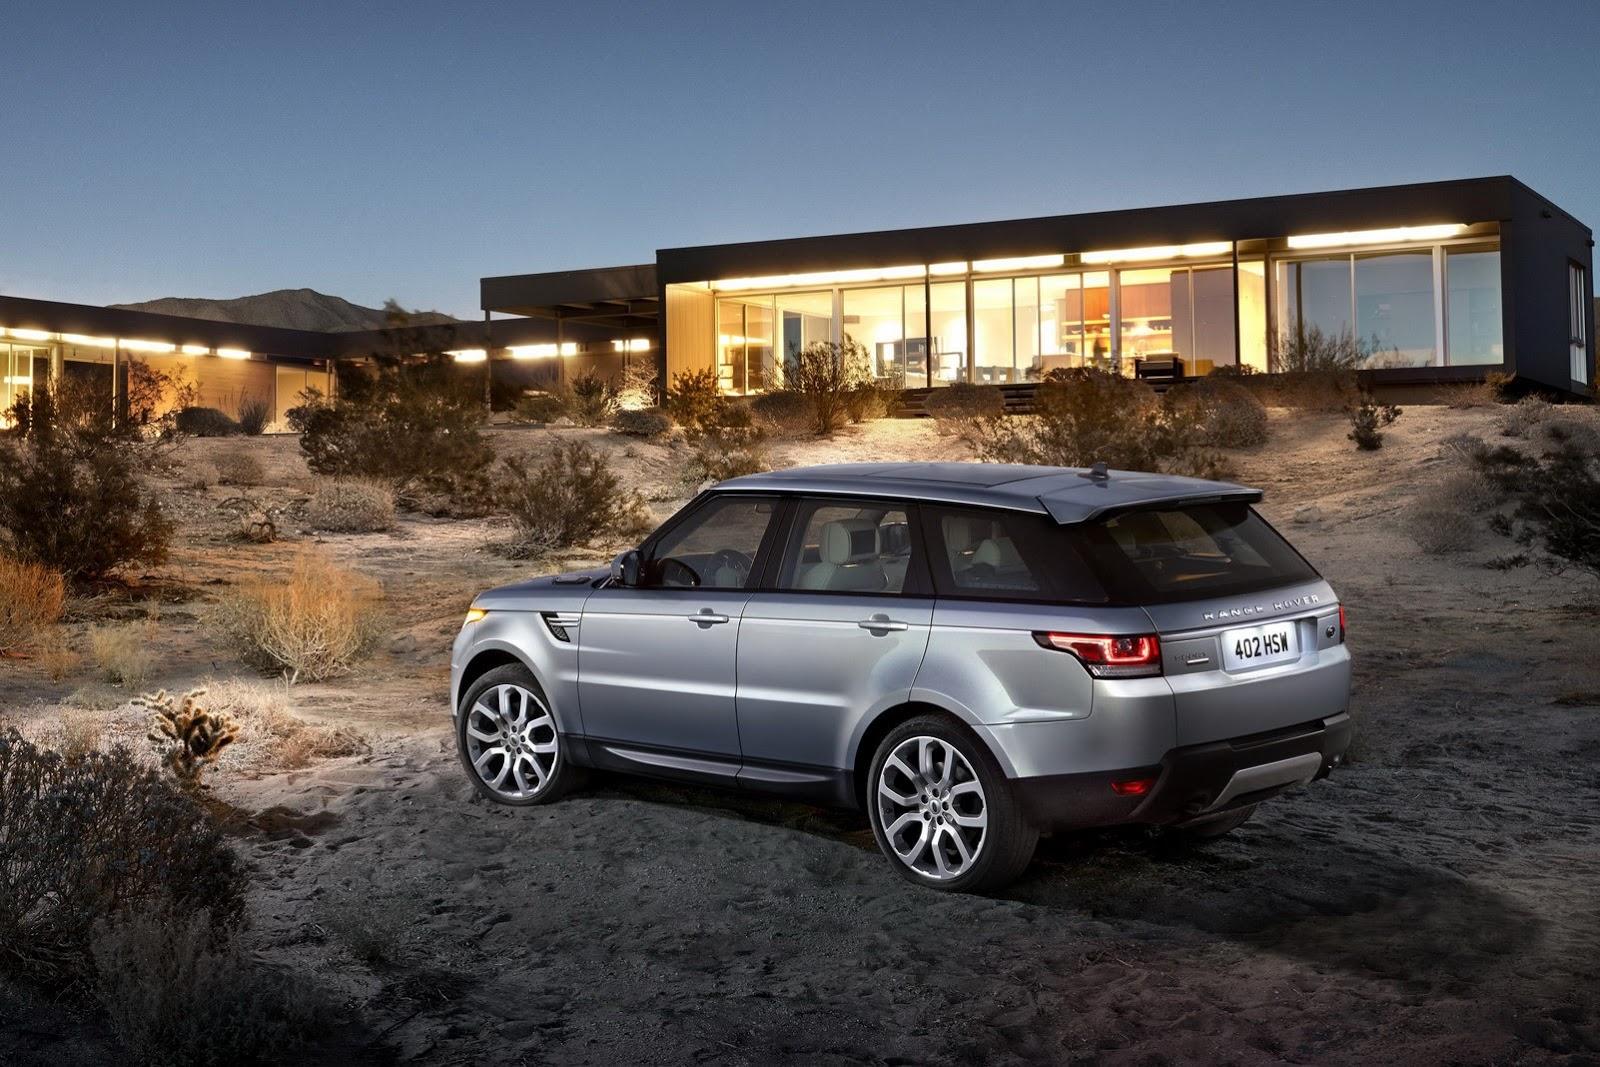 2014-Range-Rover-Sport-66[2].jpg